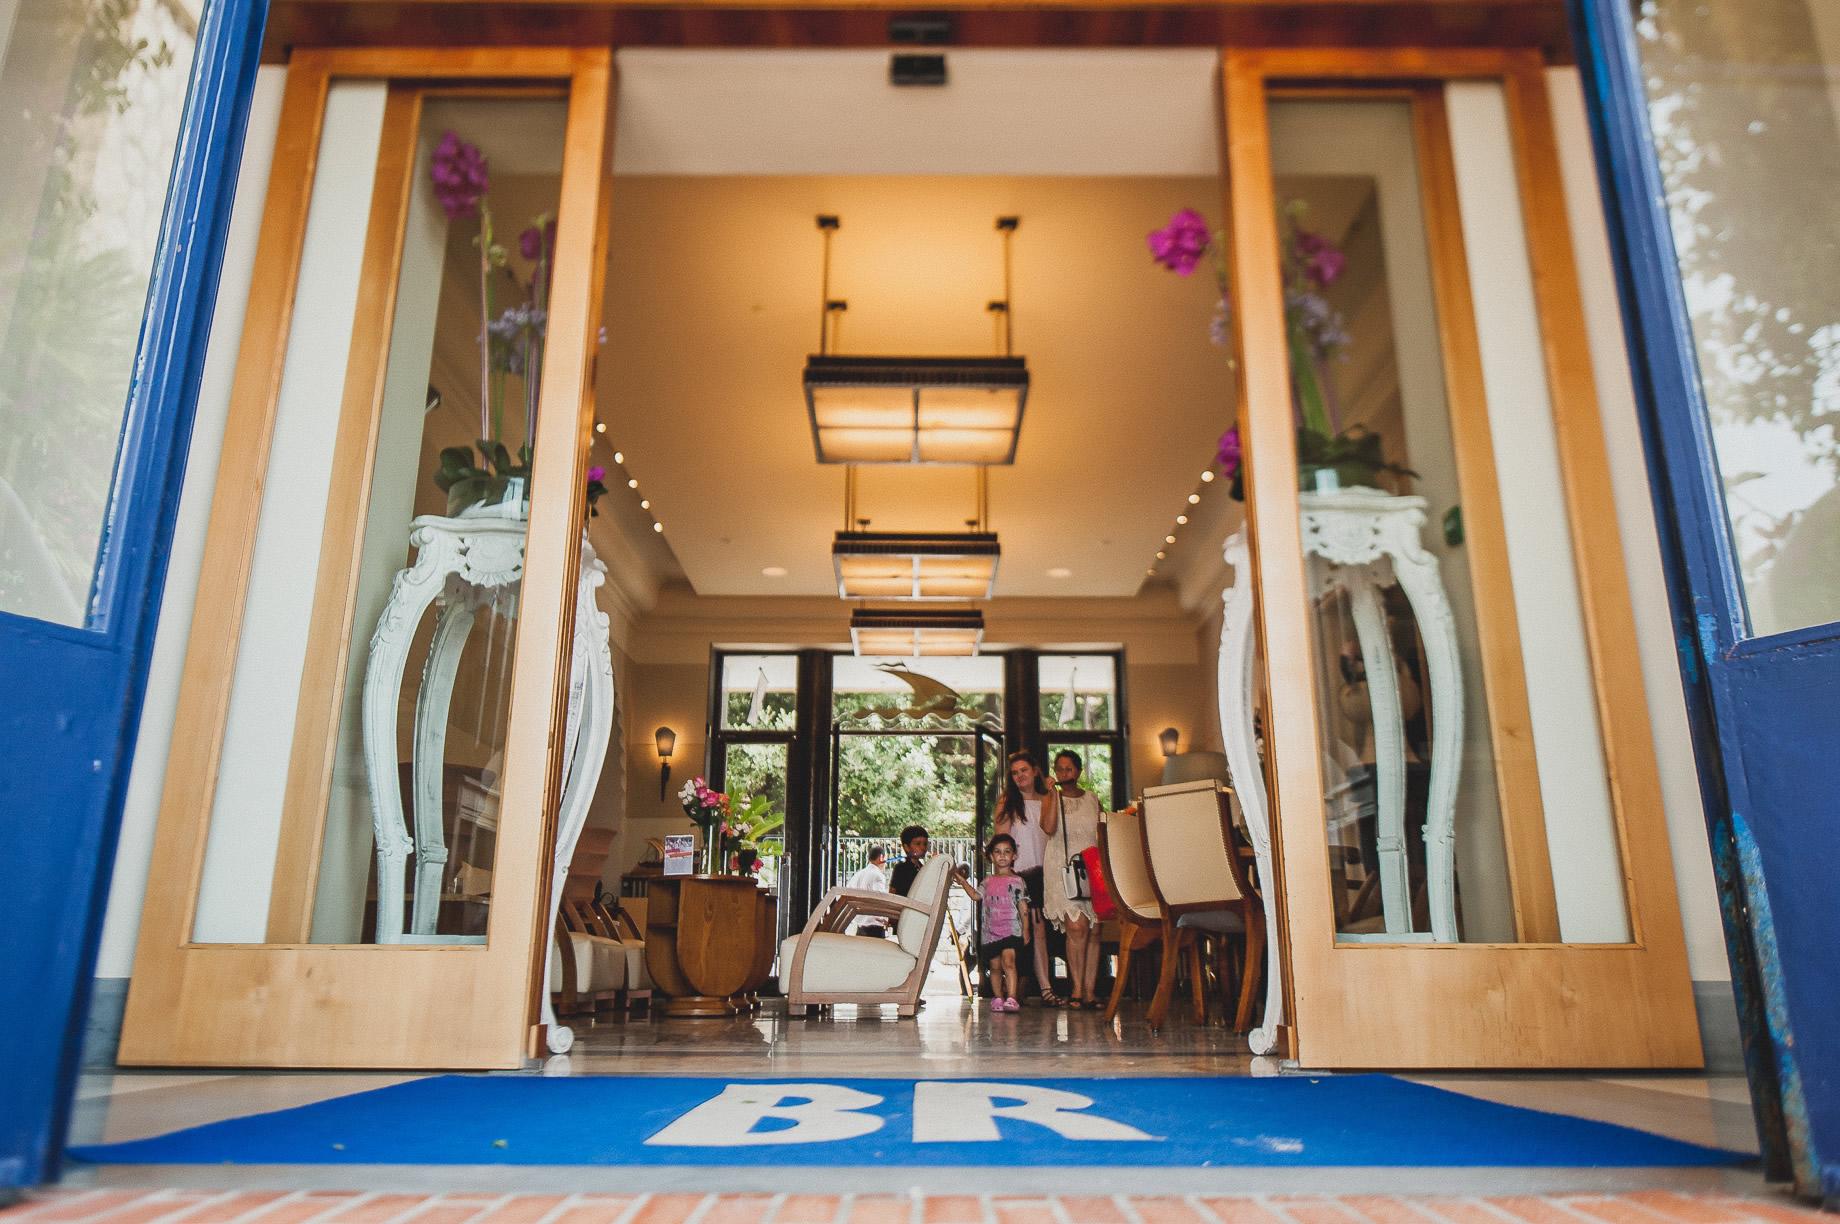 Jen and Priyan's Wedding at Hotel Belles Rives 025